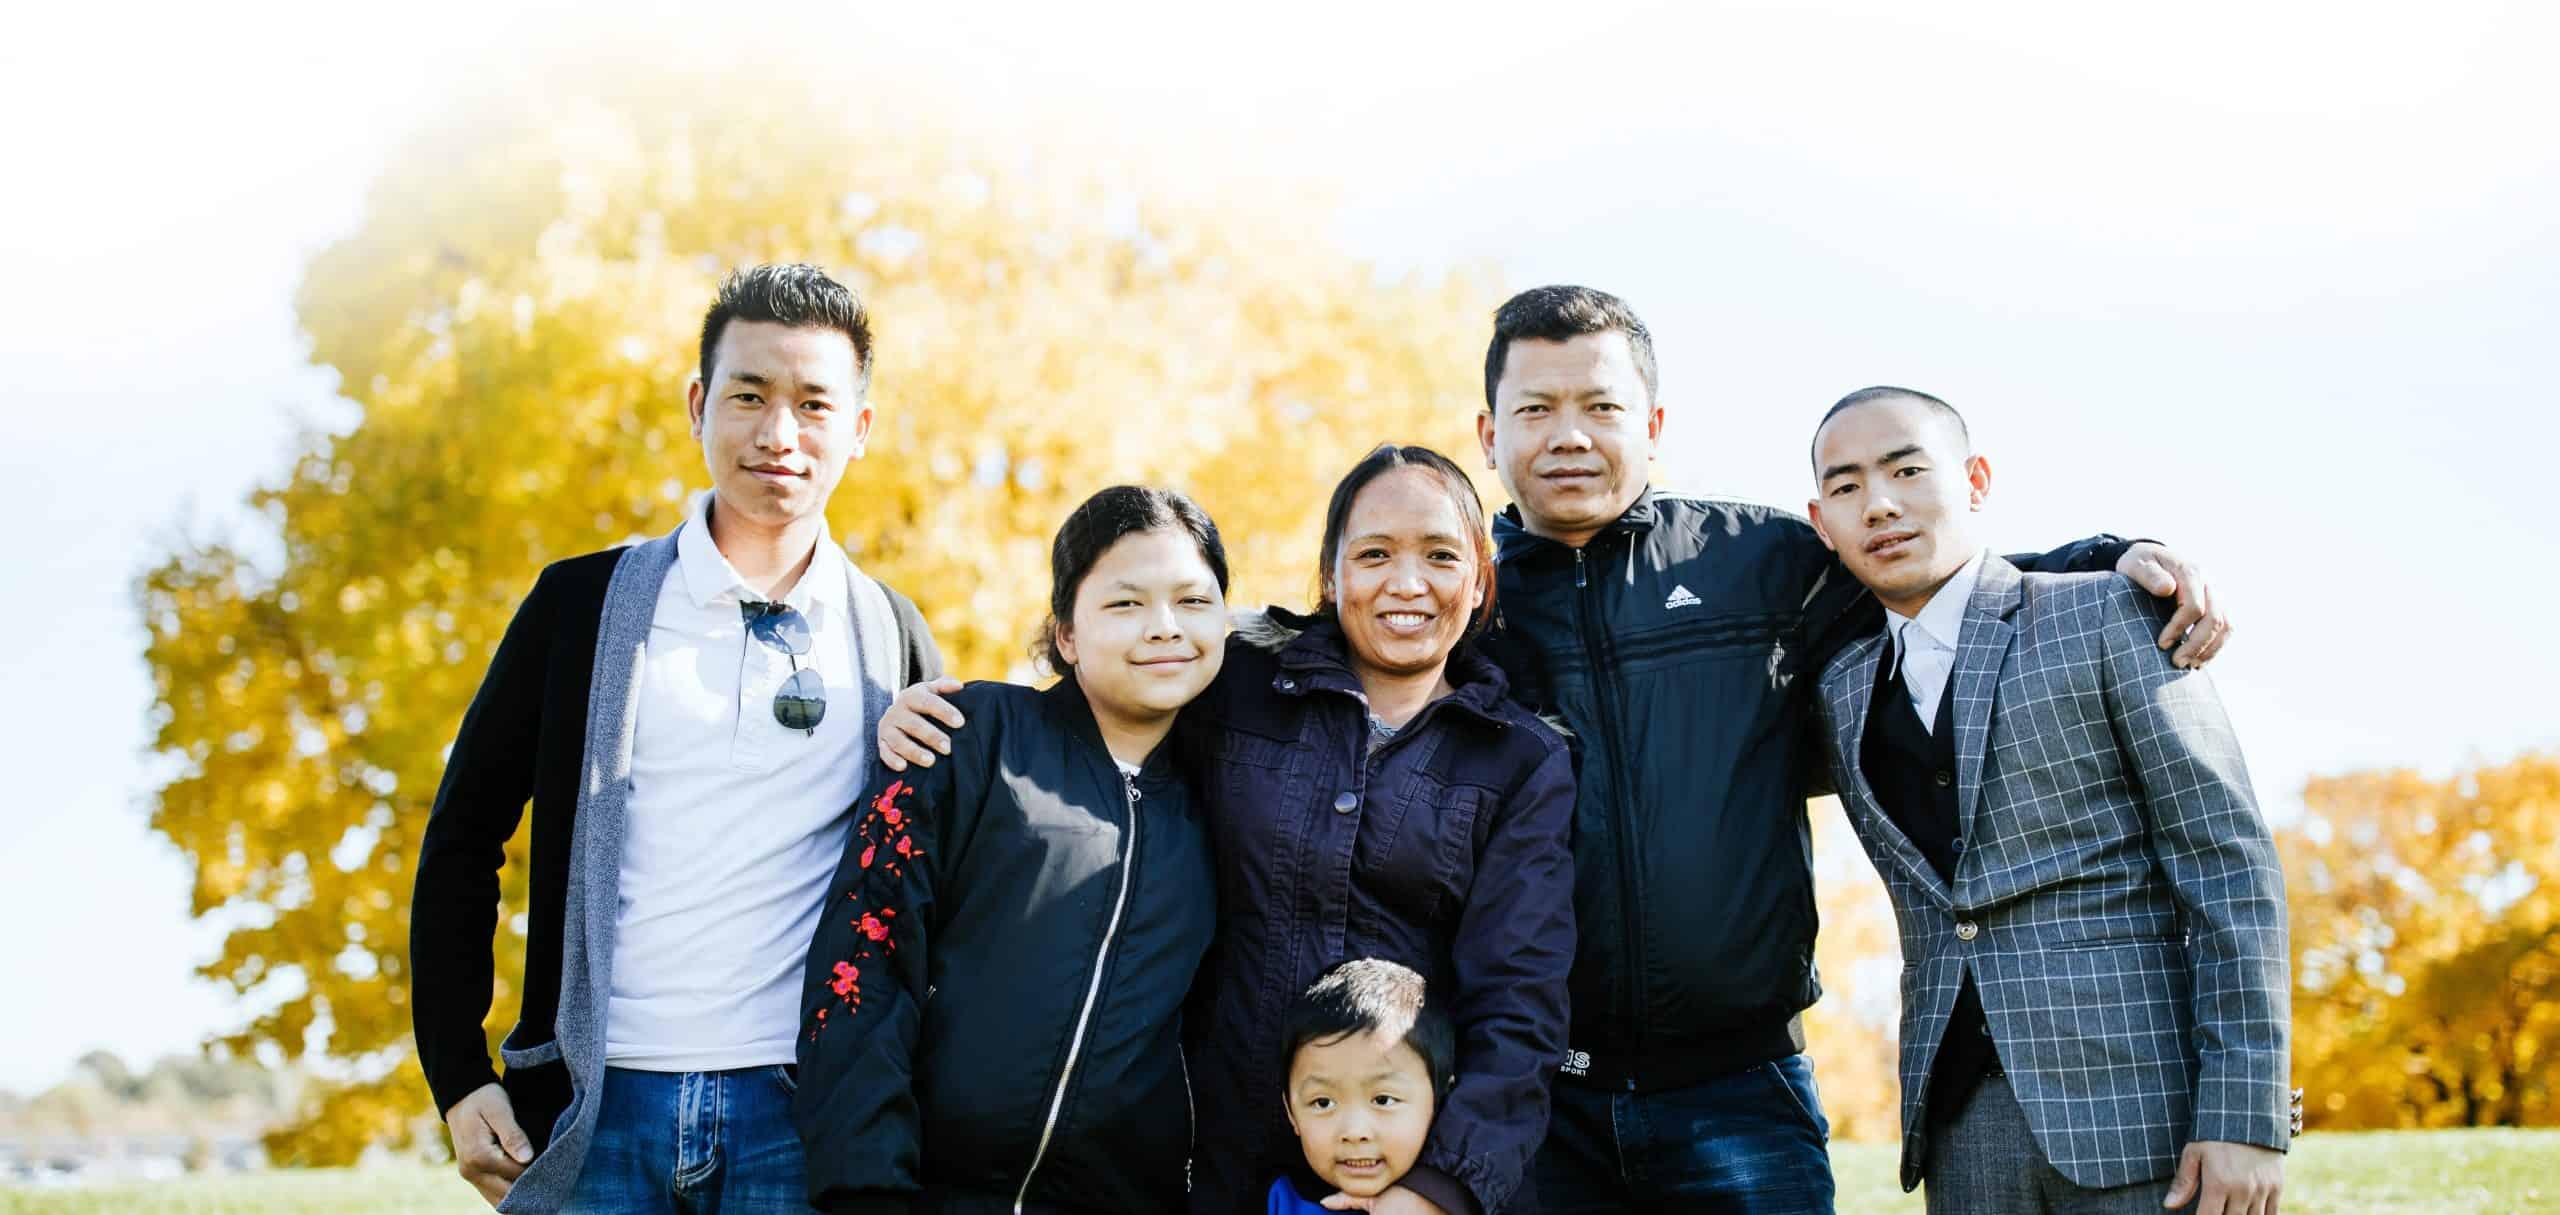 immigrantphoto2